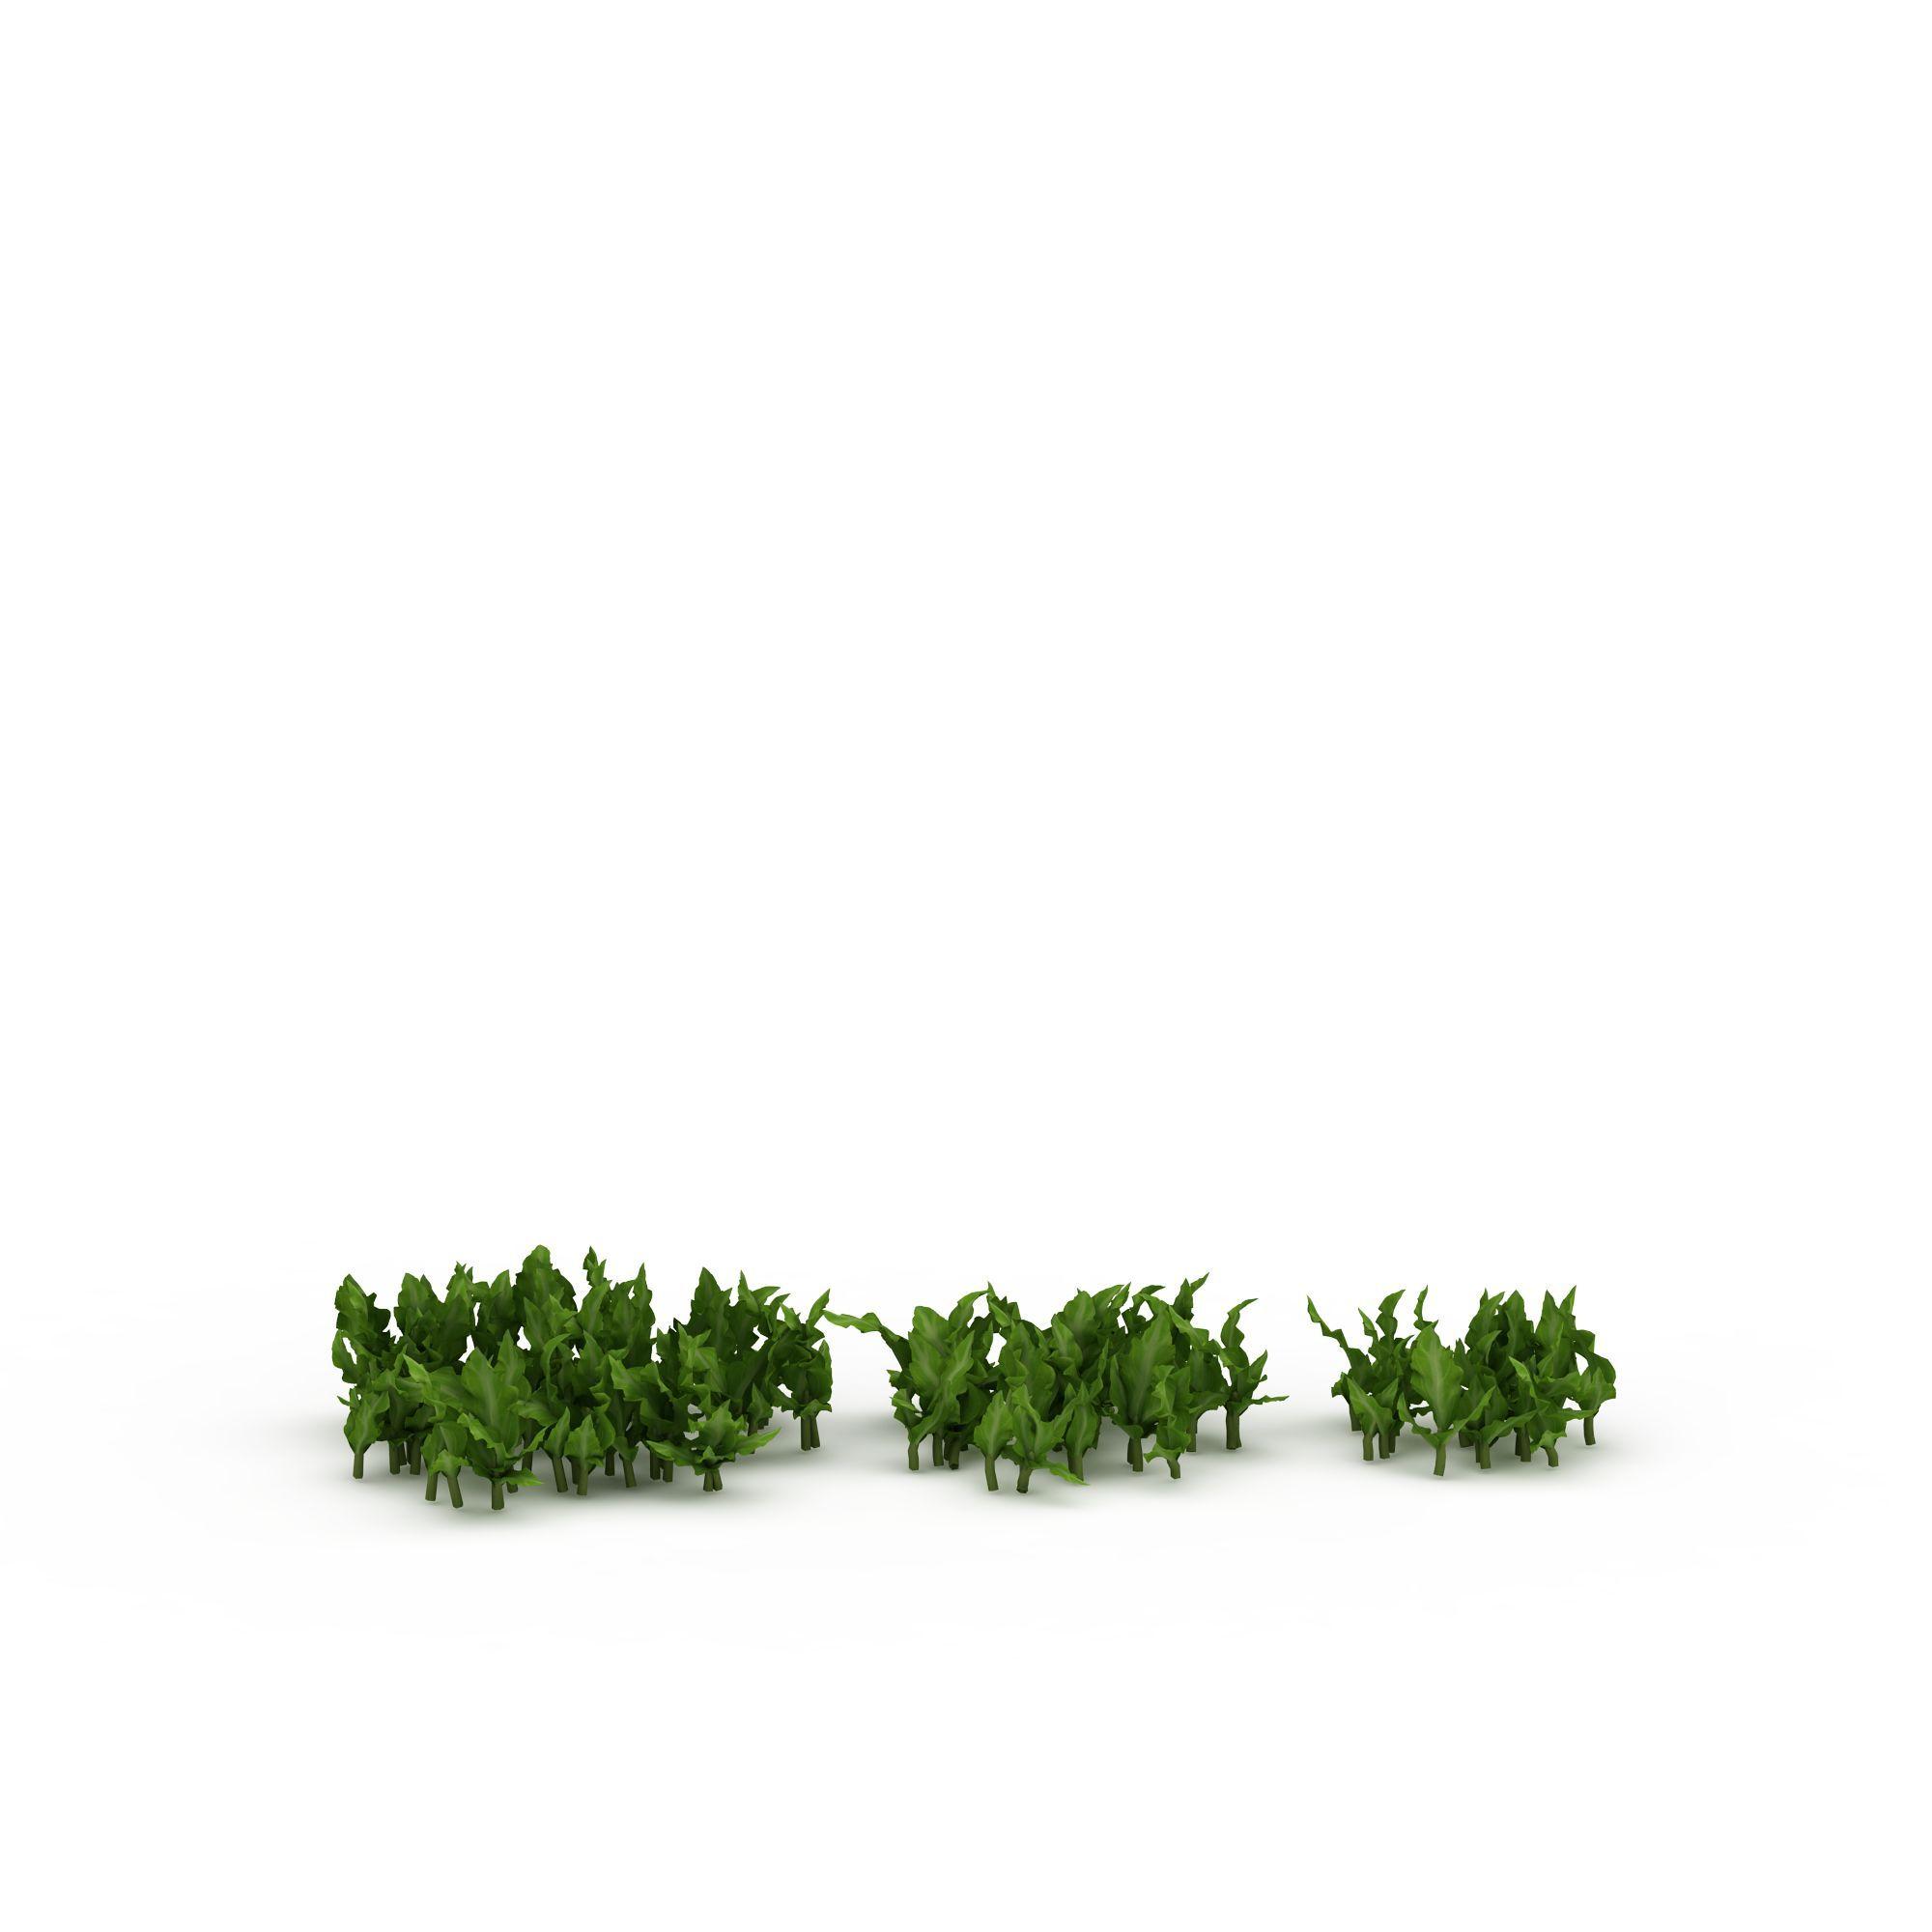 绿叶植物高清图下载图片